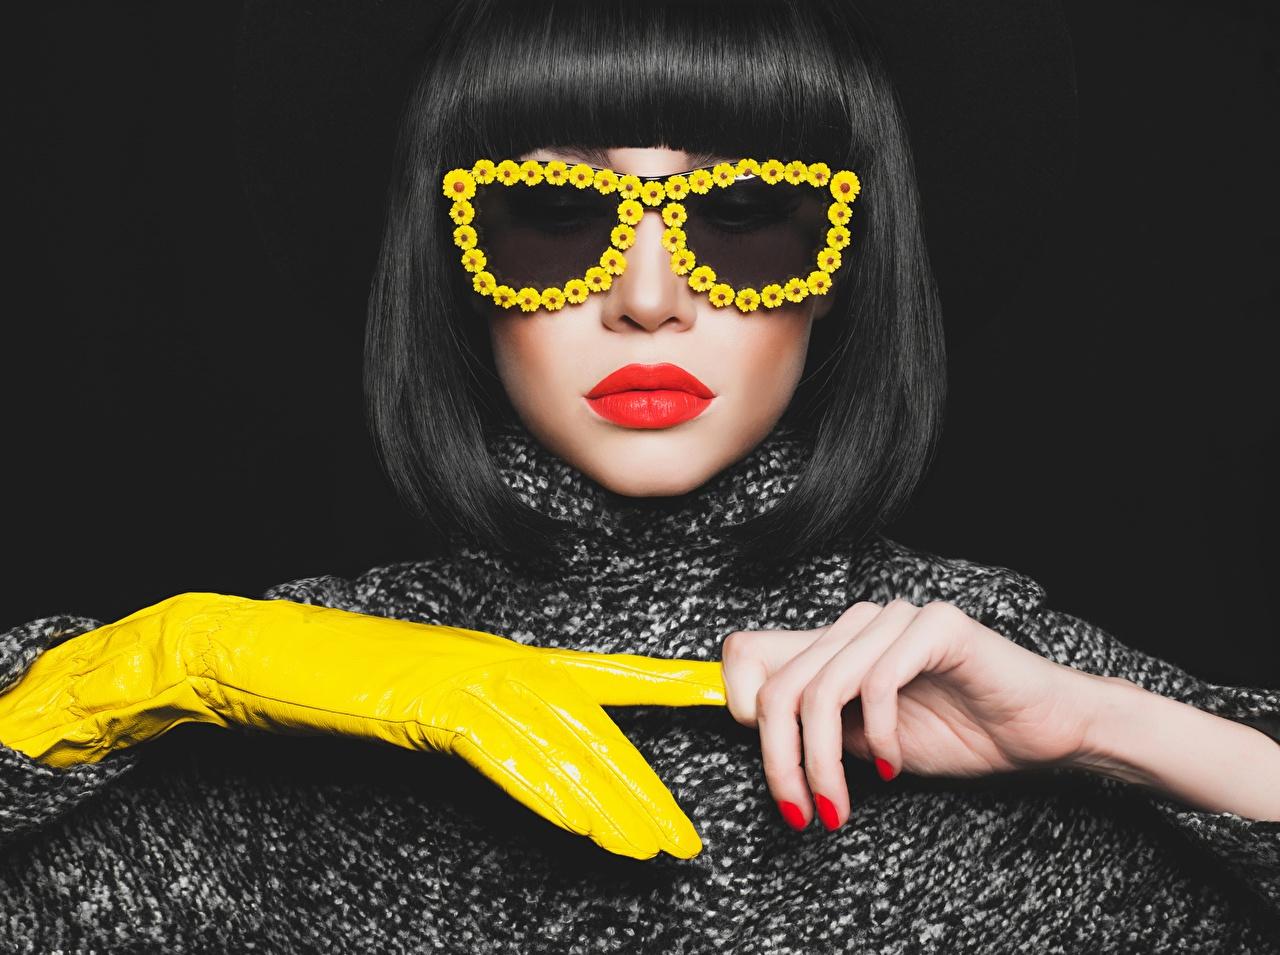 Foto Maniküre Handschuh Frisuren junge Frauen Hand Brille Rote Lippen Schwarzer Hintergrund Frisur Mädchens junge frau